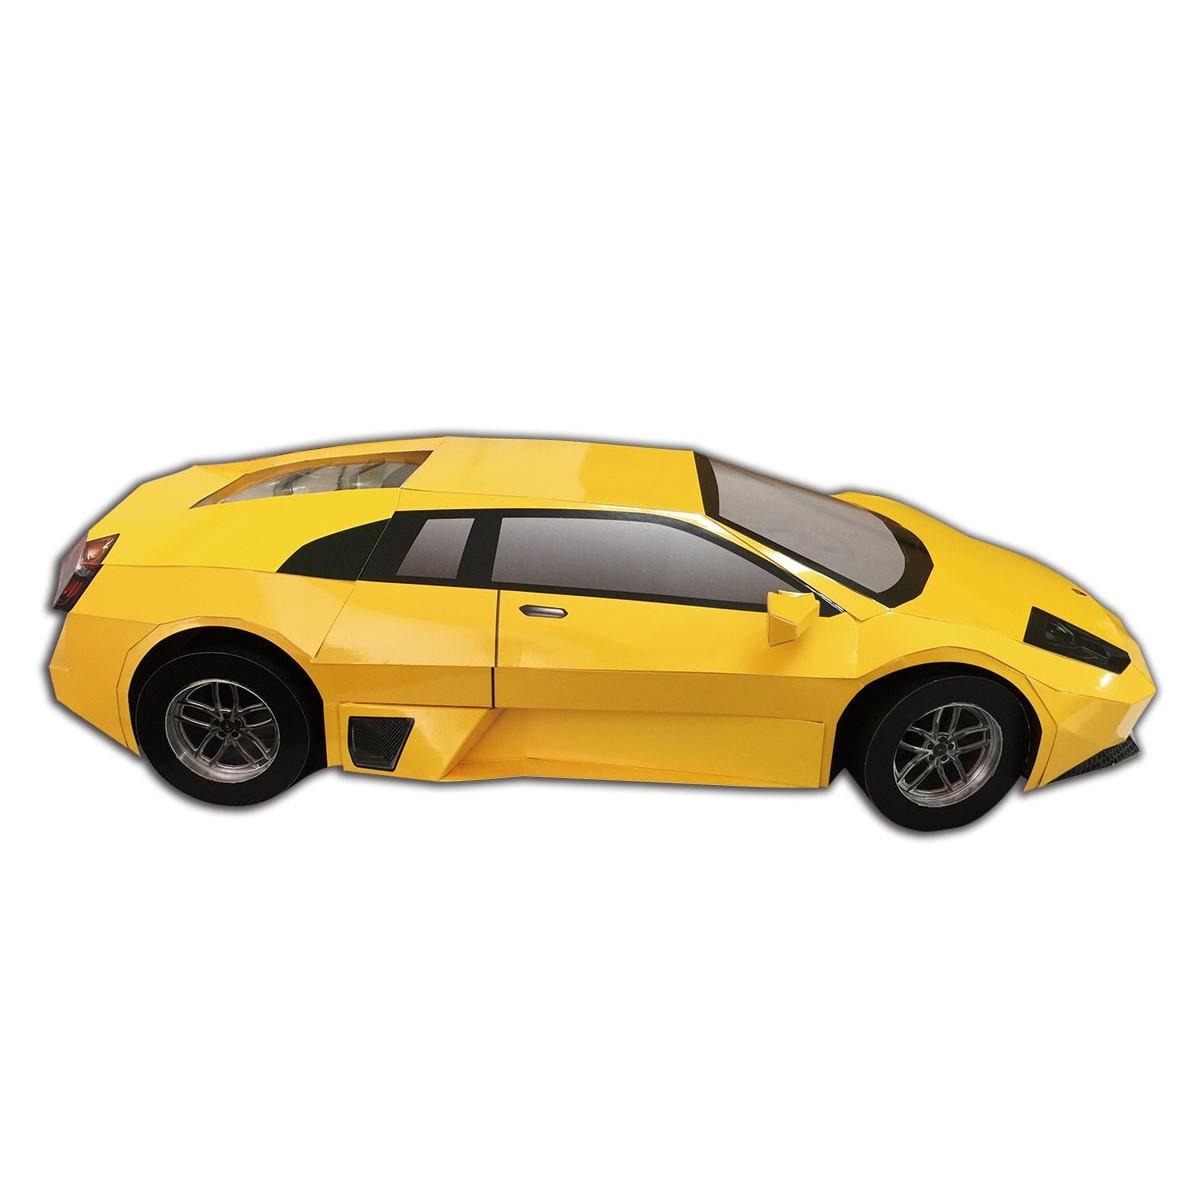 藍寶堅尼黃色跑車一台